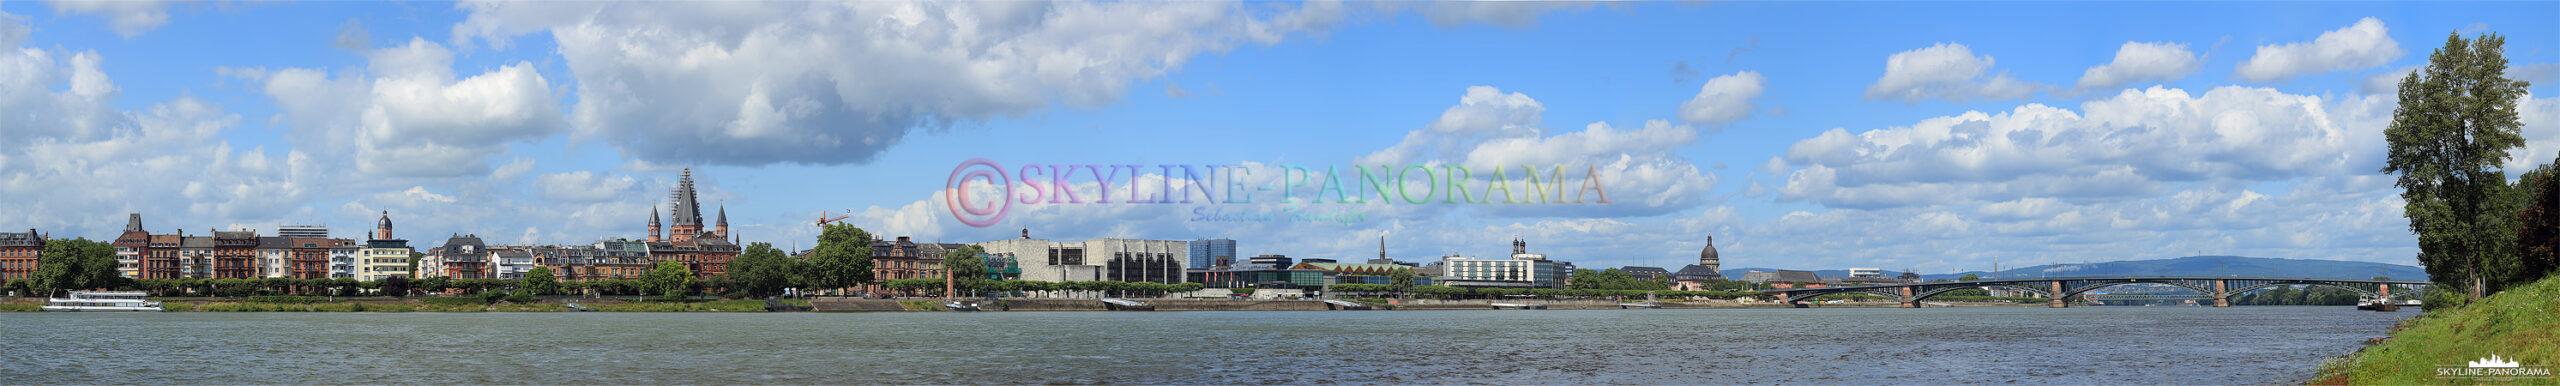 Panorama Mainz - Das Panorama zeigt die Skyline von Mainz, der Landeshauptstadt von Rheinland-Pfalz.